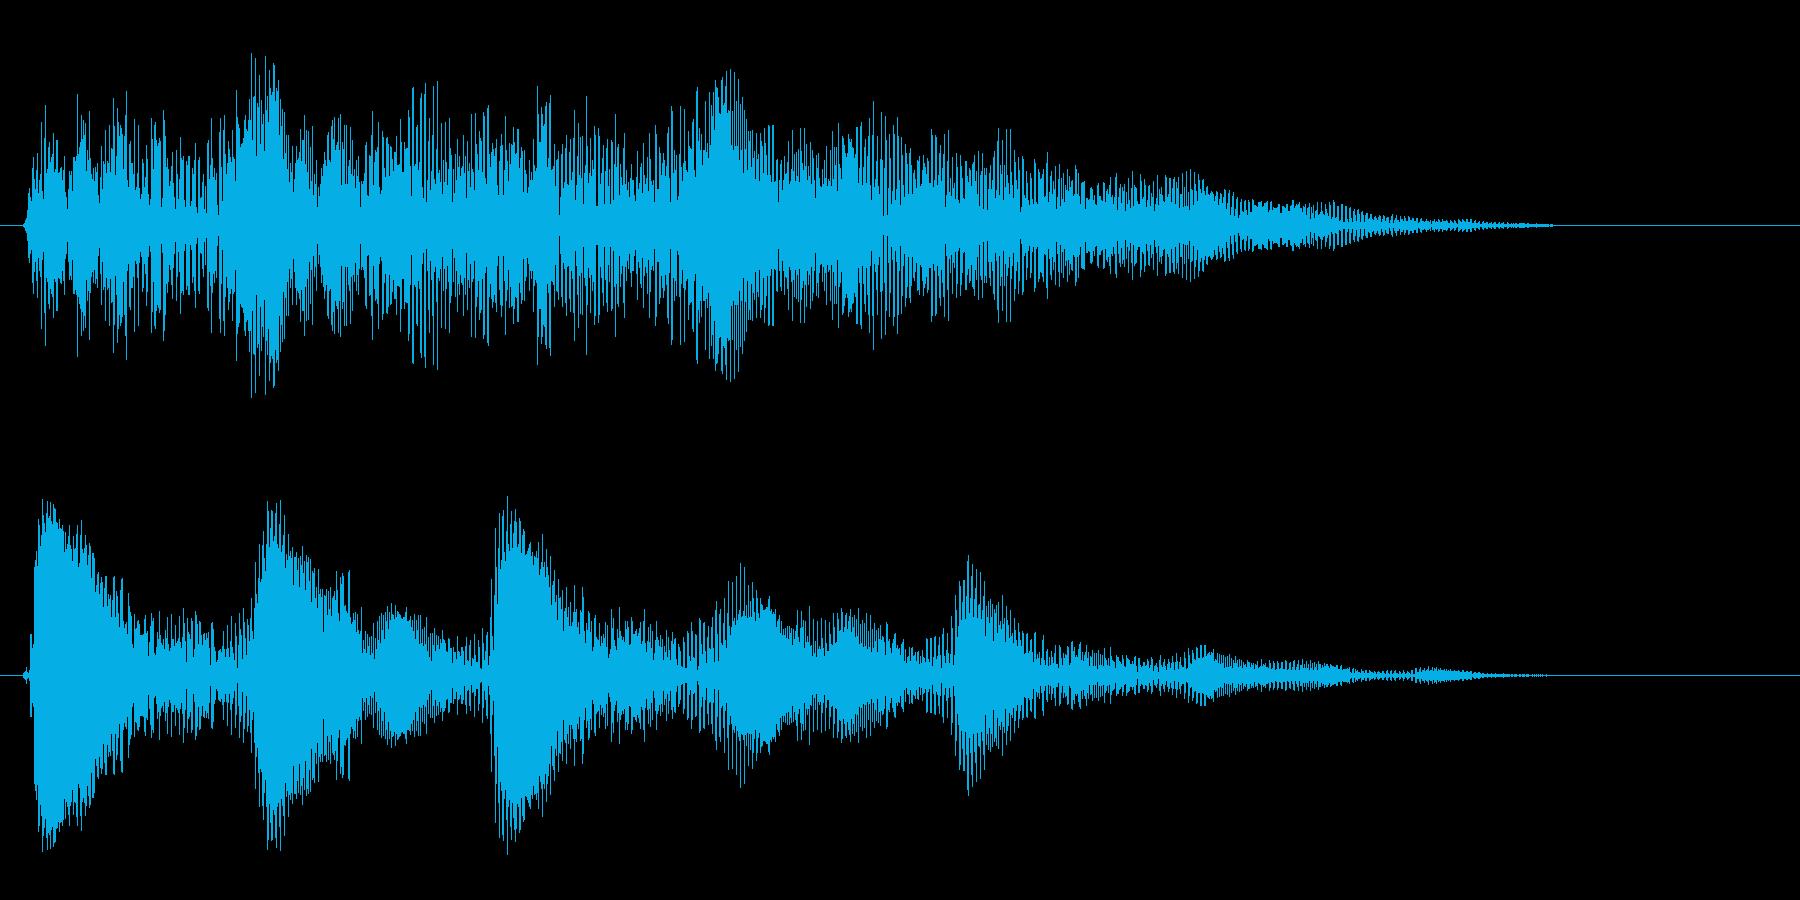 ポポポポポ〜ン(連打音)の再生済みの波形